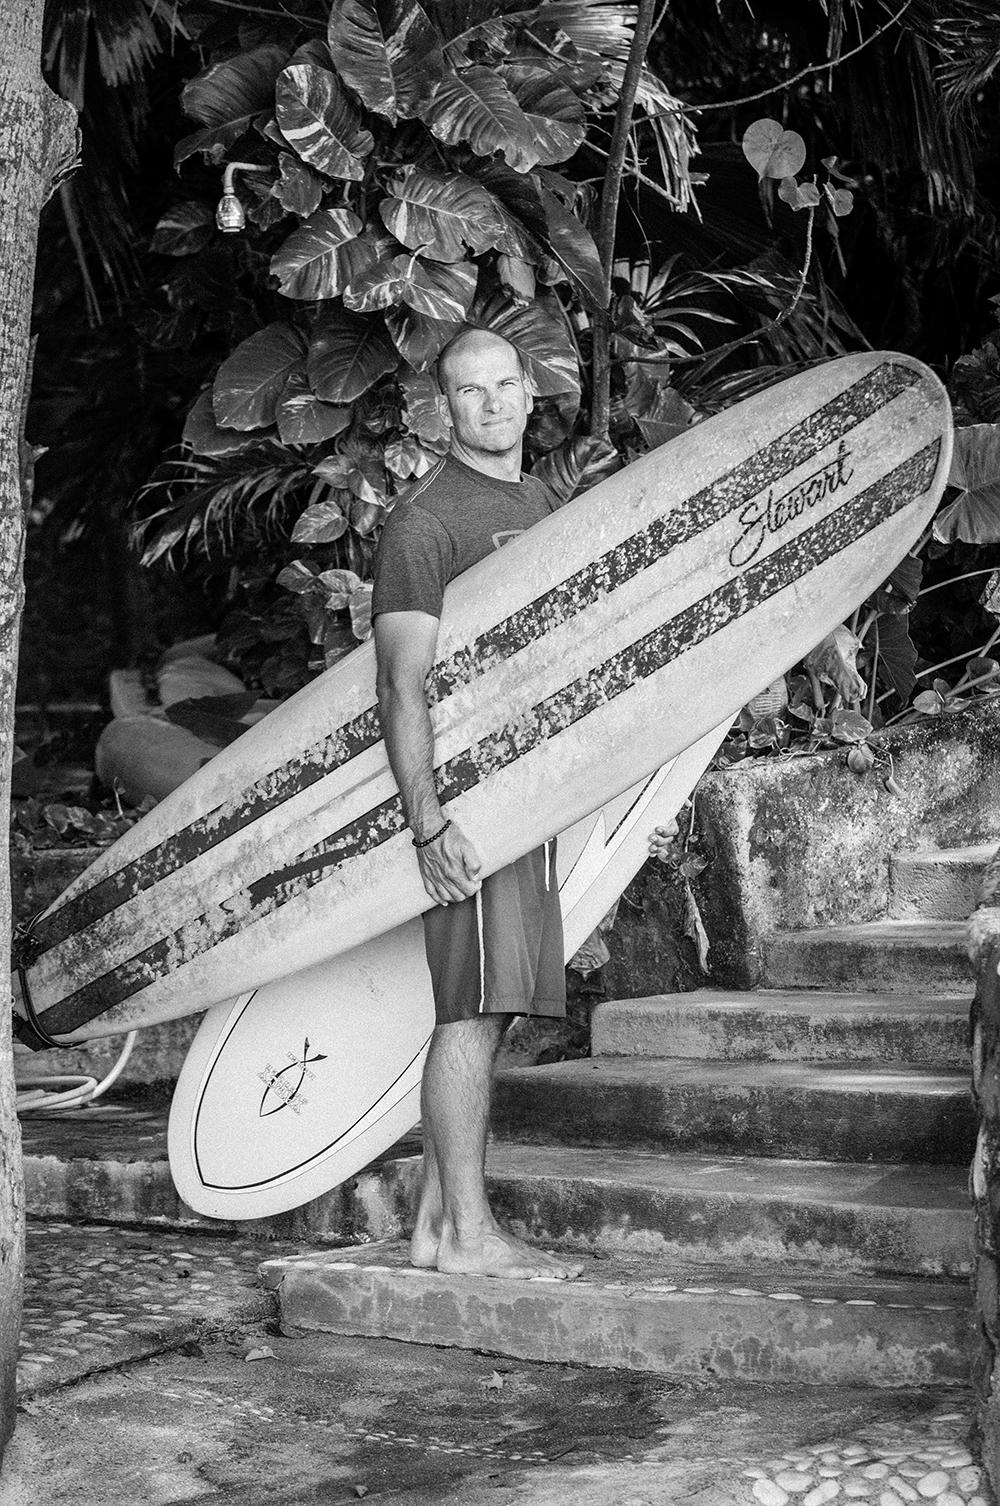 about-eric-kiel-surfer